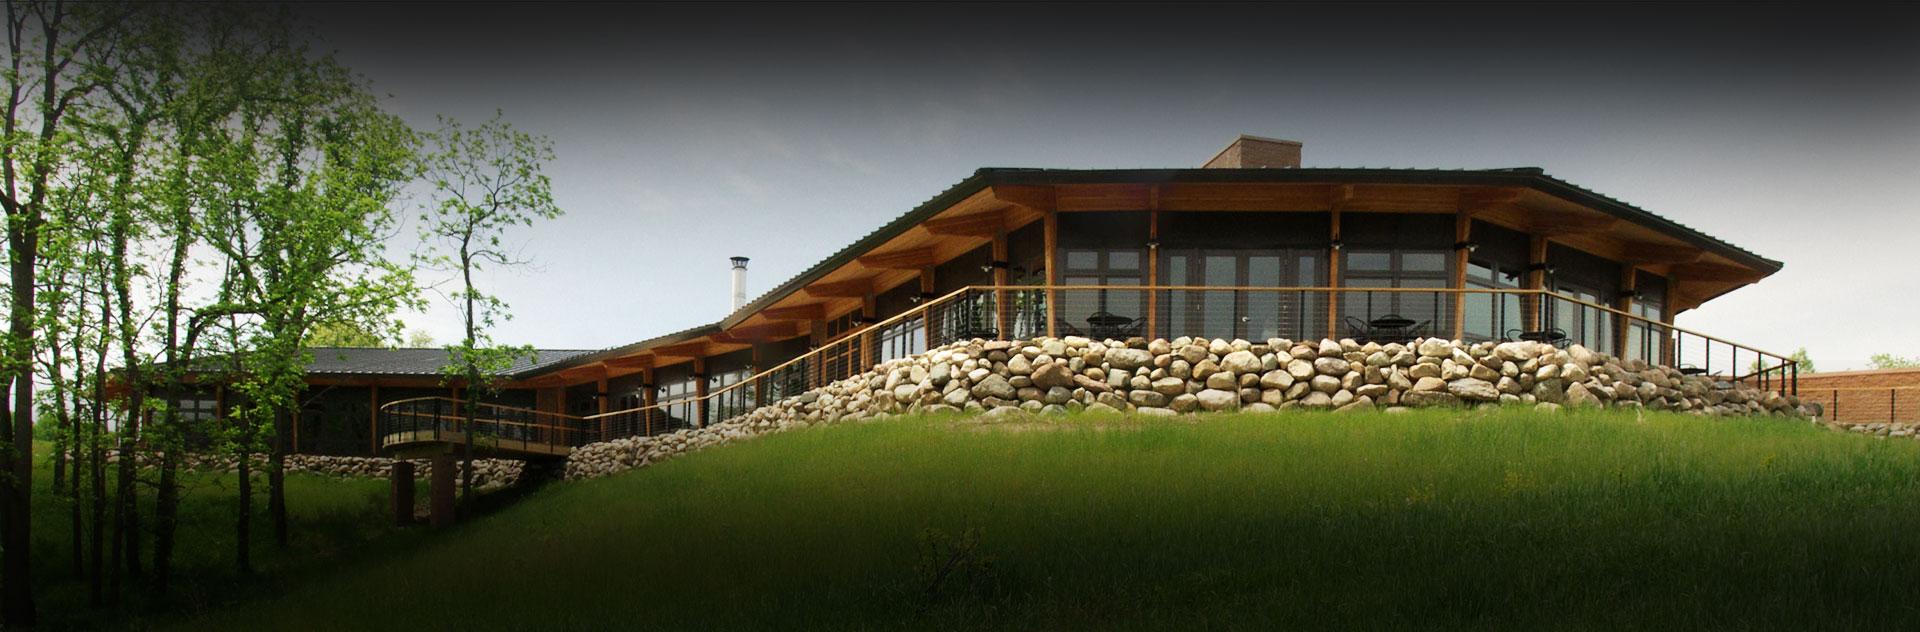 Cedar-Creek-Institute